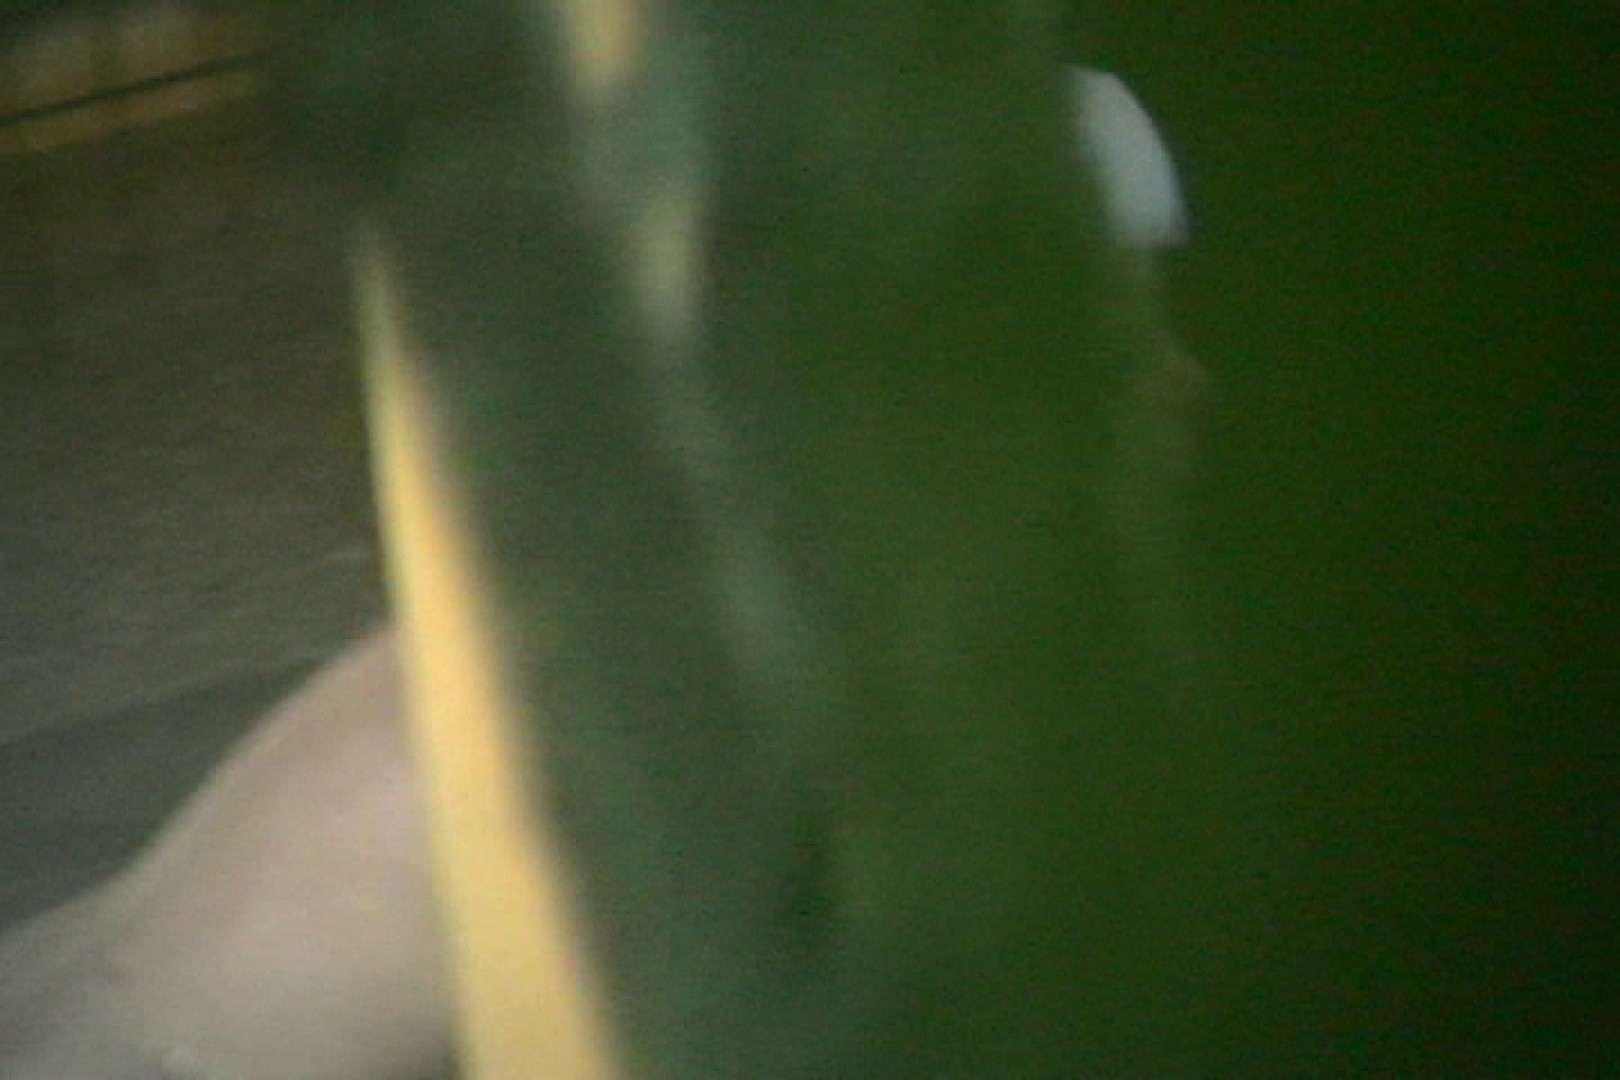 お女市さま編 オムニバスVol.4 潜伏露天風呂   OLの実態  74pic 10